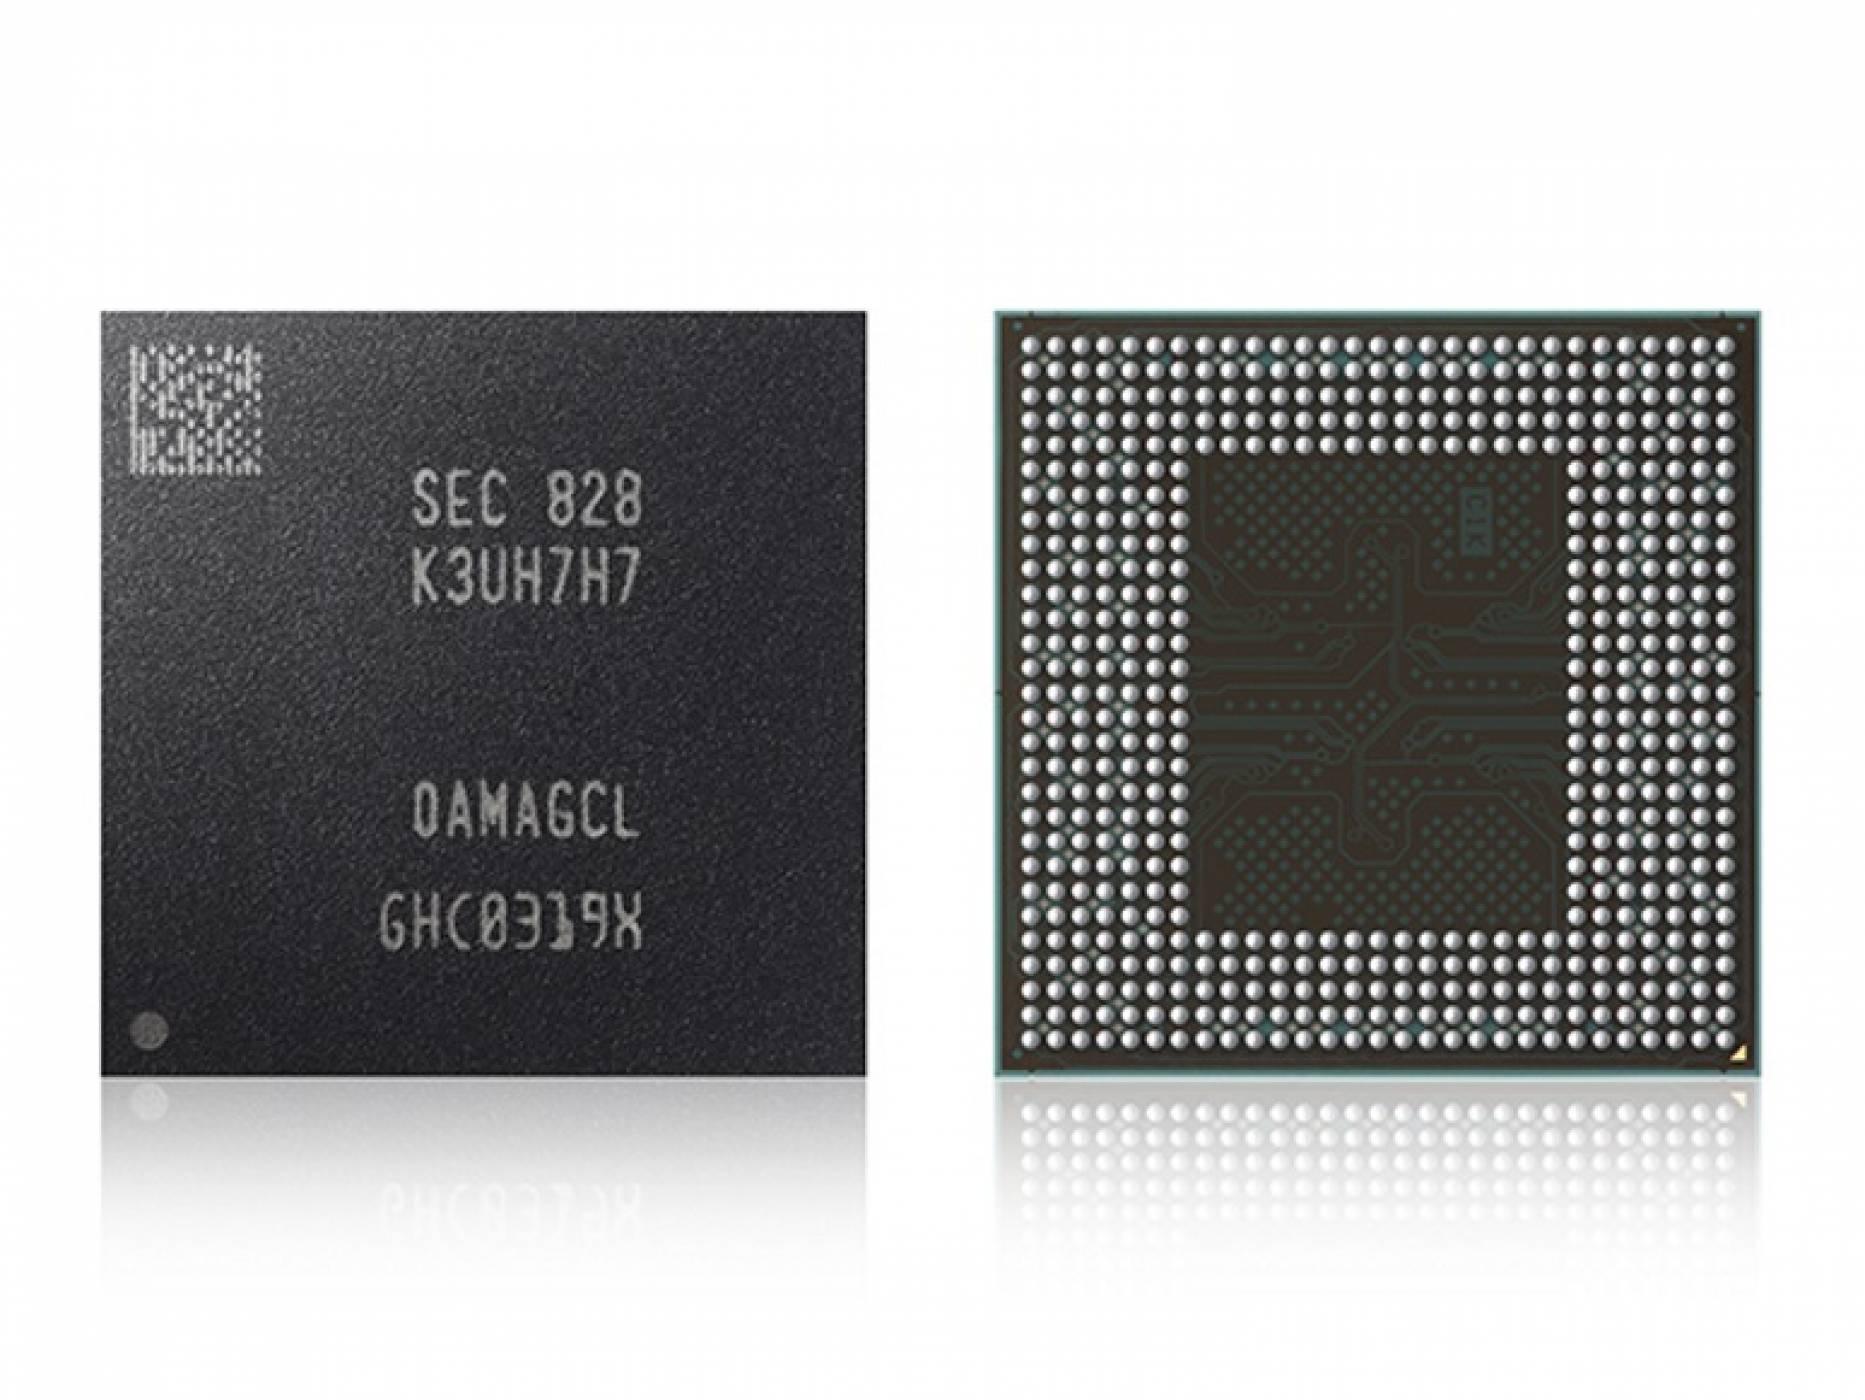 Samsung и Micron разработват нови памети, за да обезпечат ерата на 5G